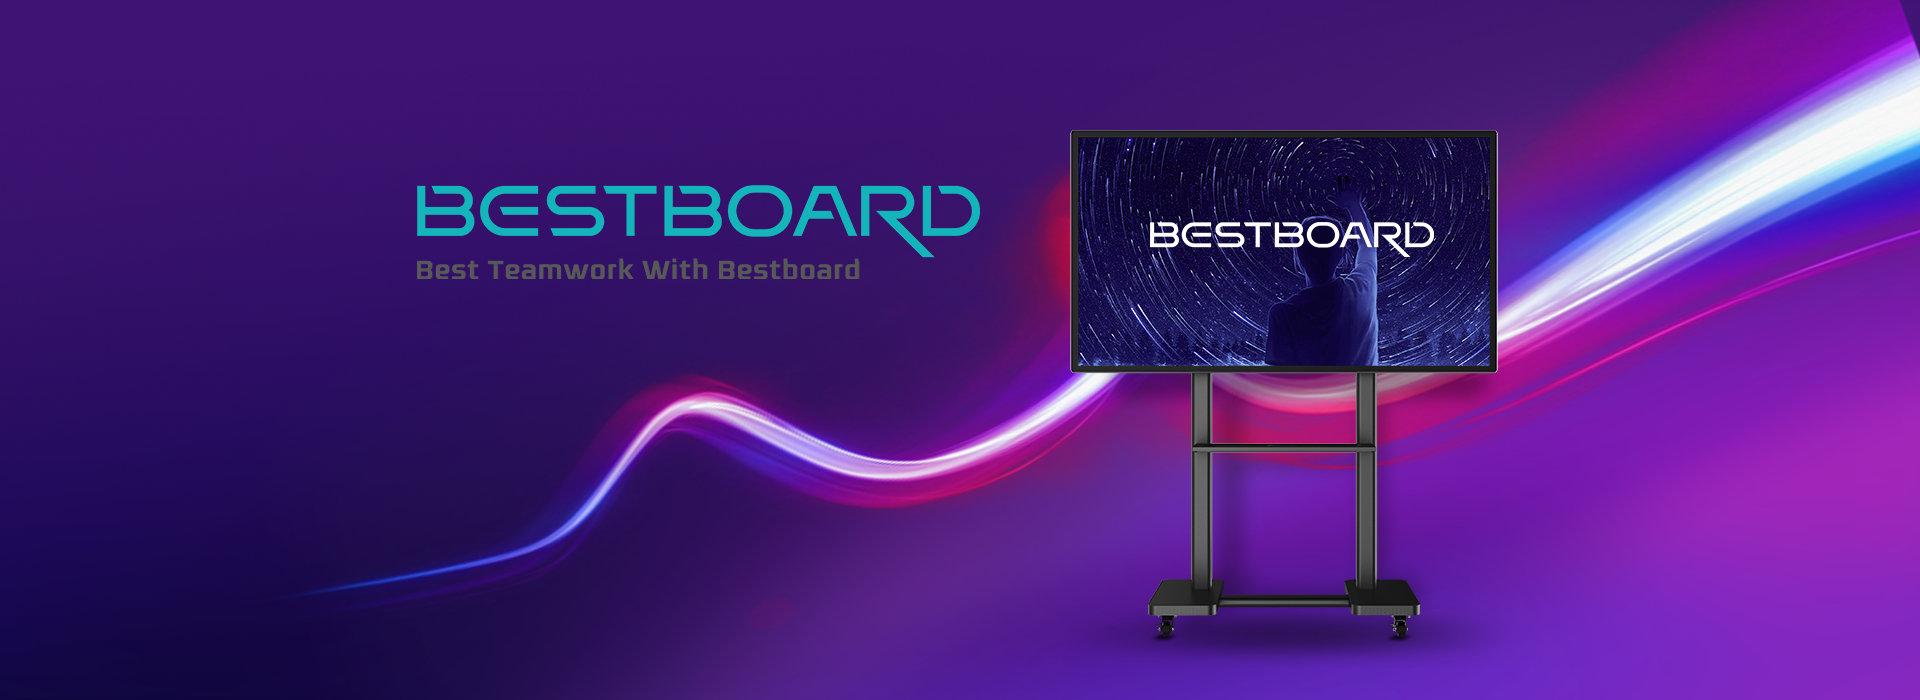 bestboard